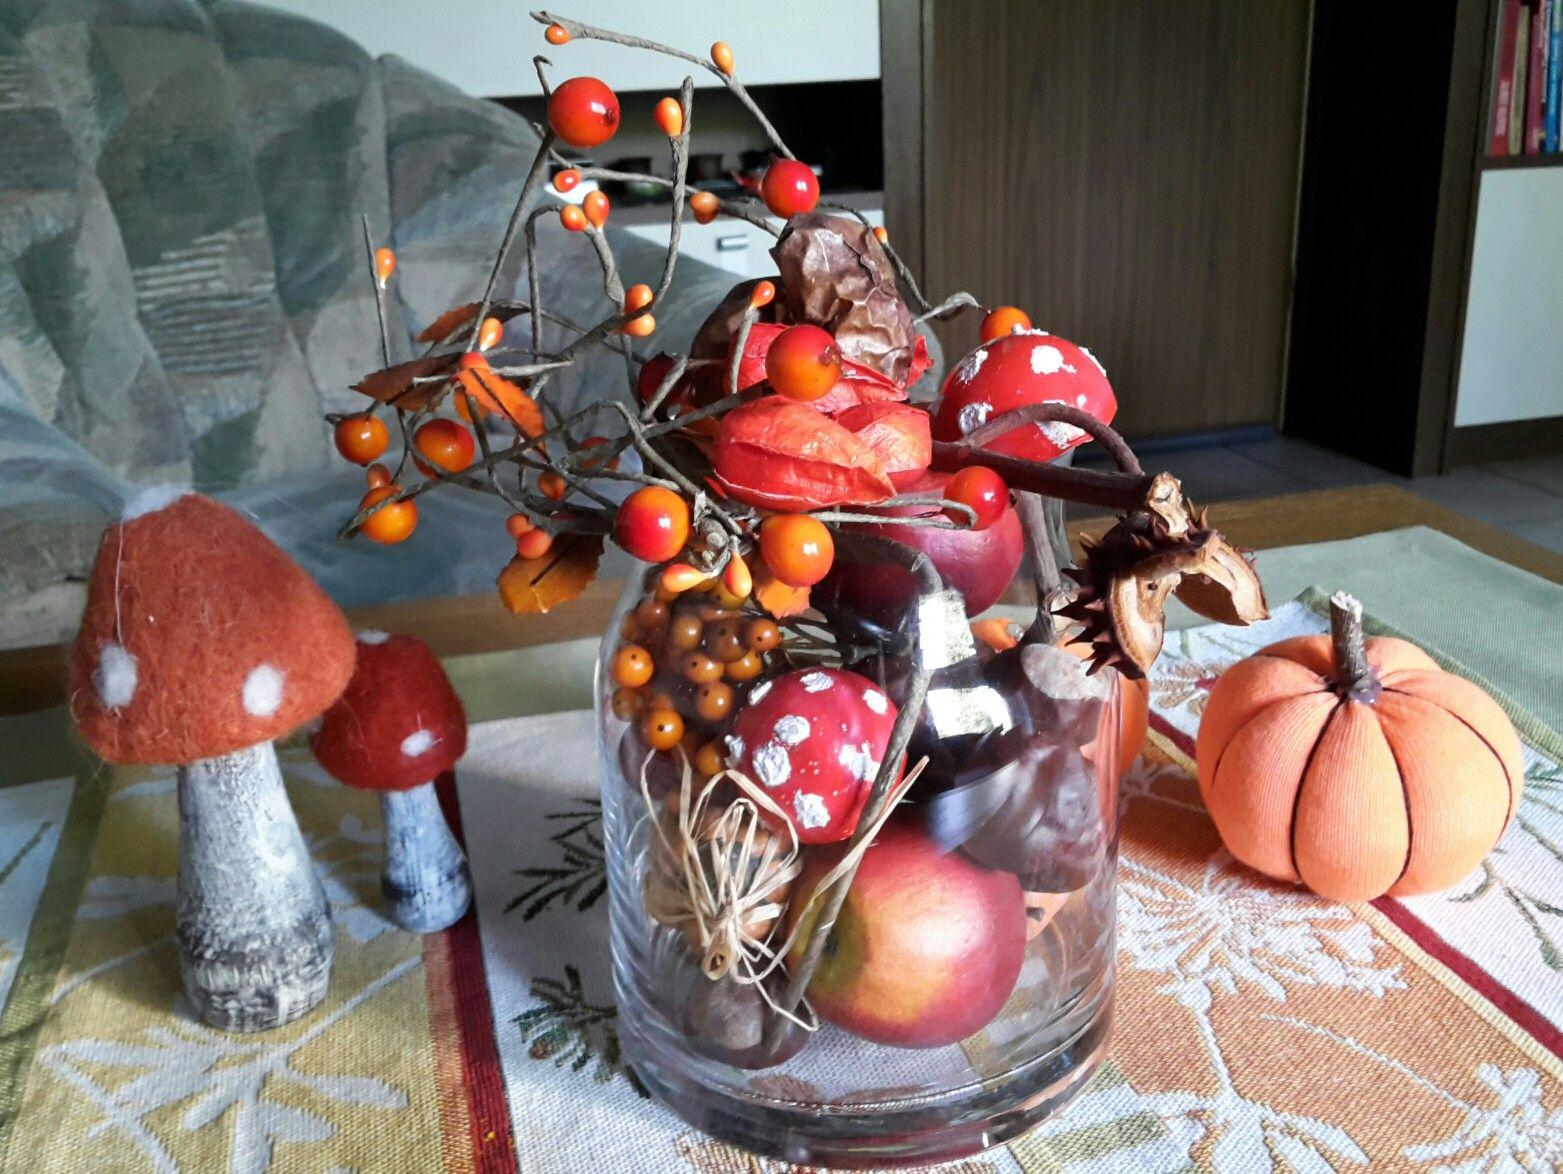 Herbstliche Tischdeko mit Socken-Kürbis #herbstlichetischdeko